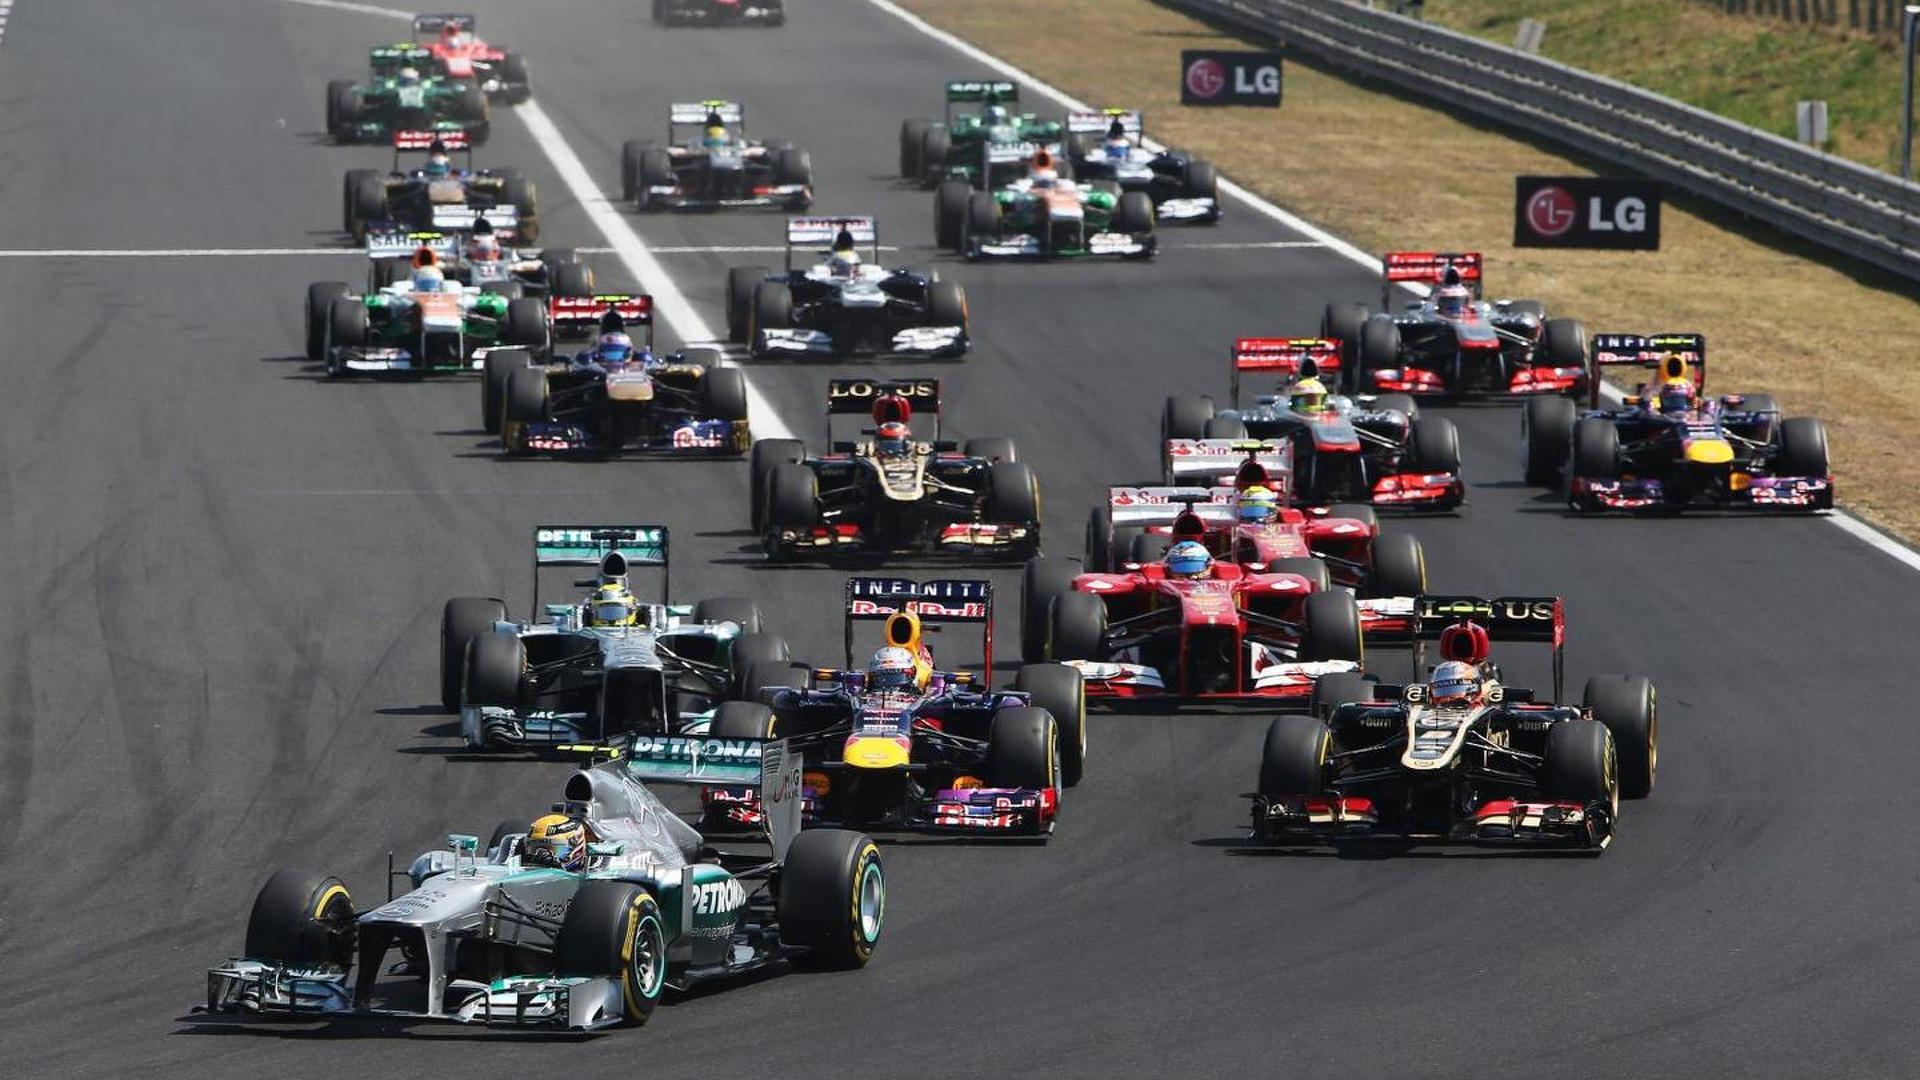 FIA announces F1 'cost cap' coming in 2015